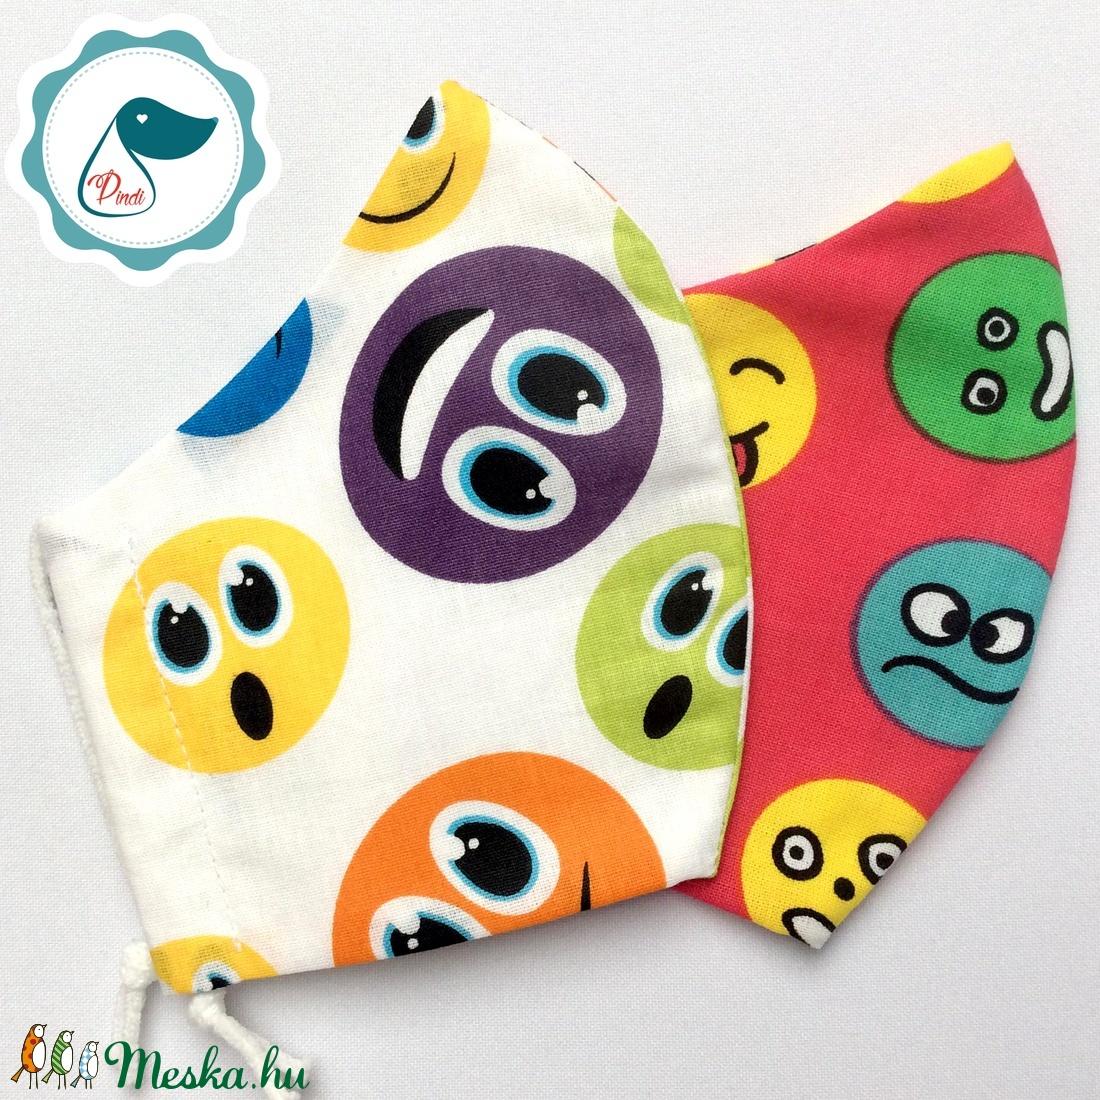 2 db smile mintás maszk - kiskamasz arcmaszk - textil szájmaszk - egészségügyi szájmaszk - mosható szájmaszk - maszk, arcmaszk - gyerek - Meska.hu